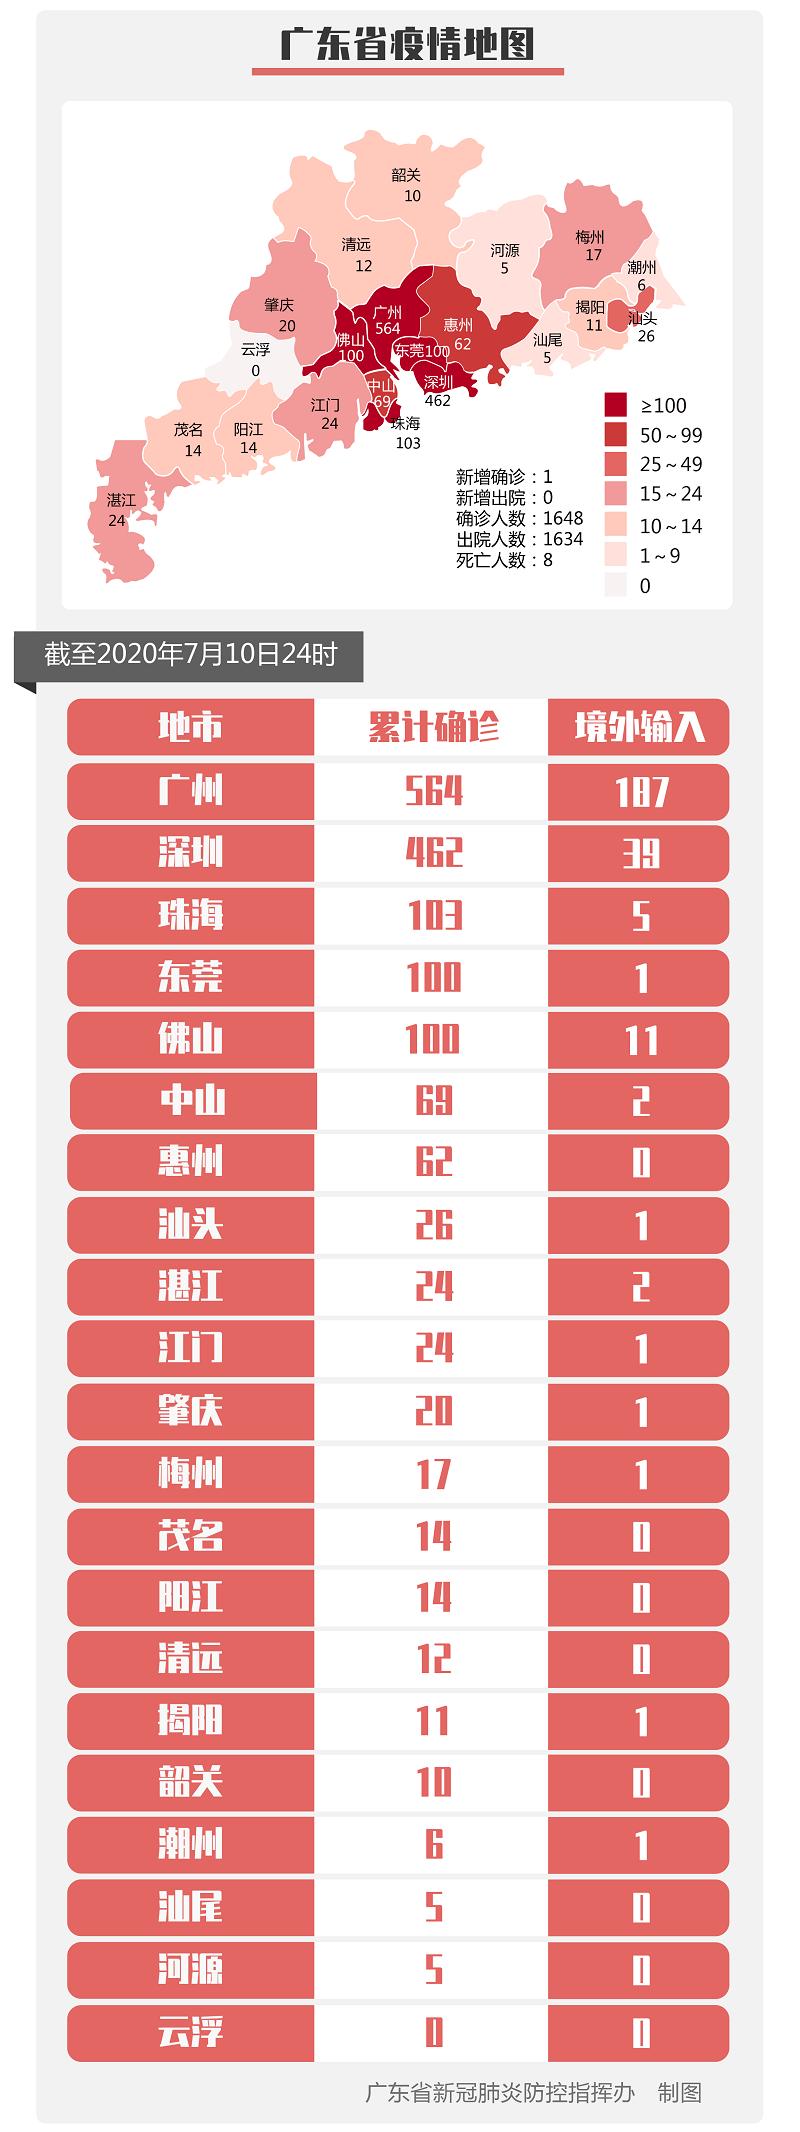 2020年7月11日广东省新冠肺炎疫情情况